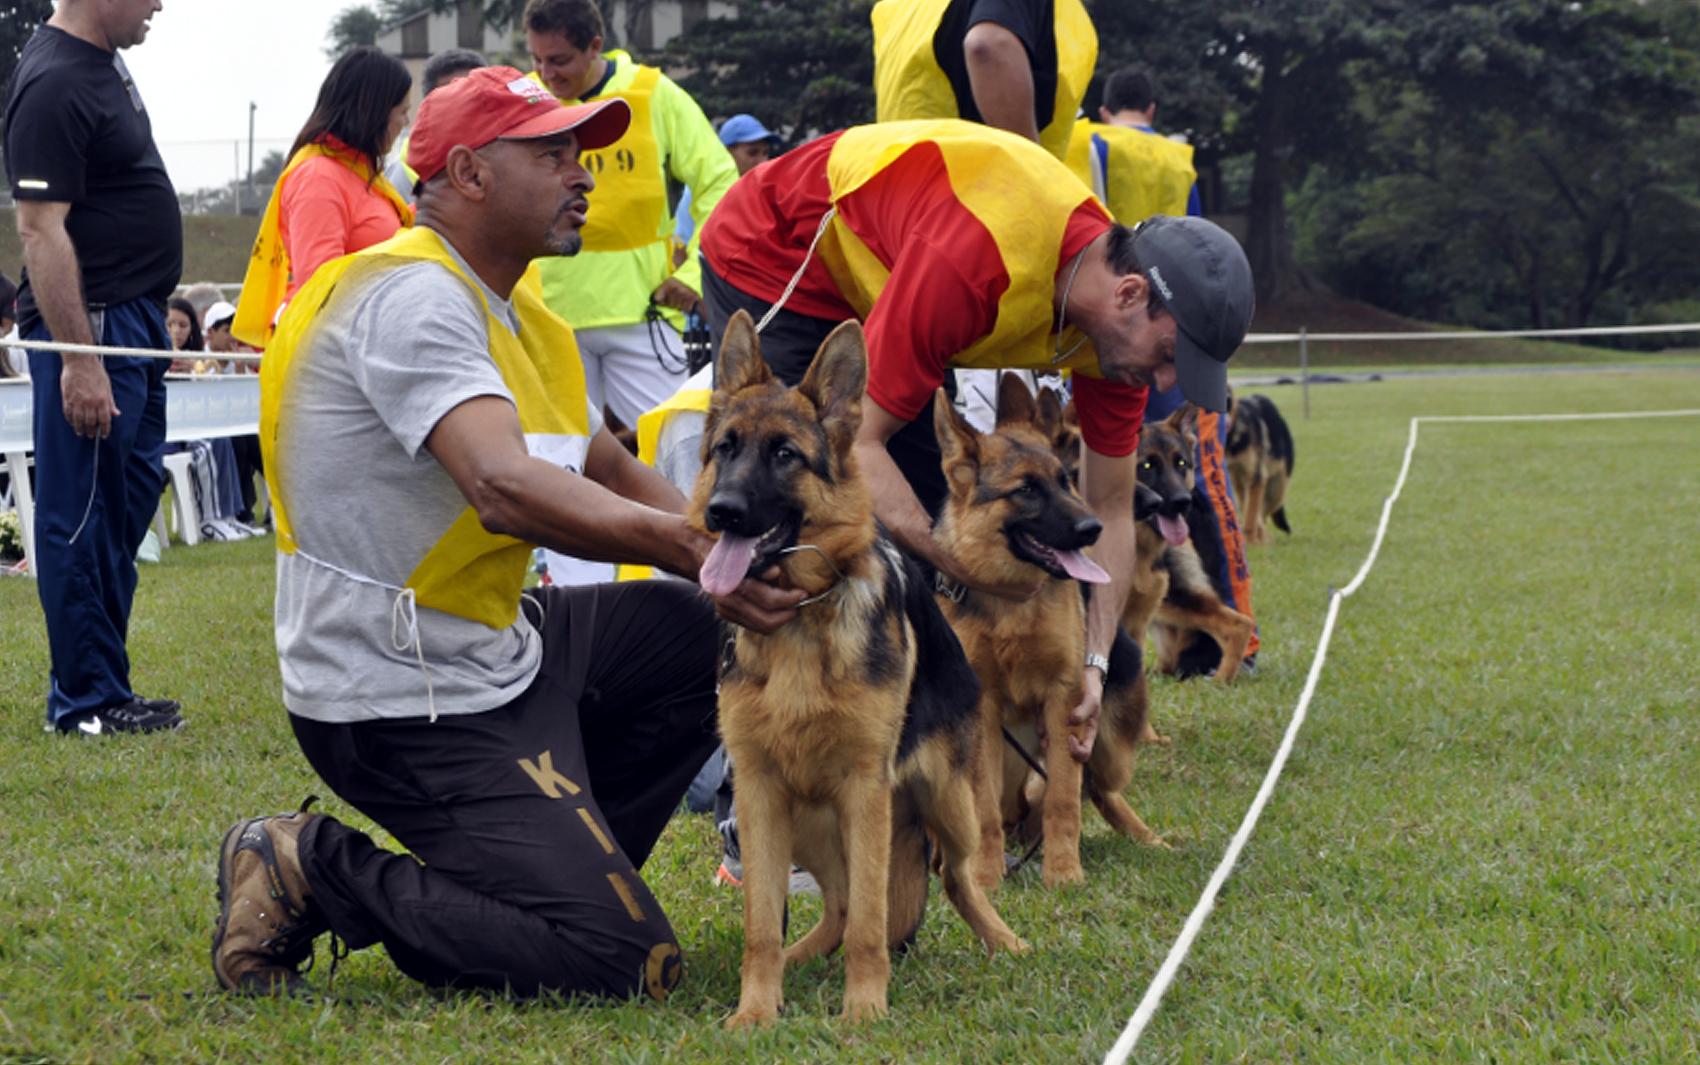 Cães perfilados para observação de juízes no Sieger 2013, em Campinas (Foto: Luciano Calafiori/G1)